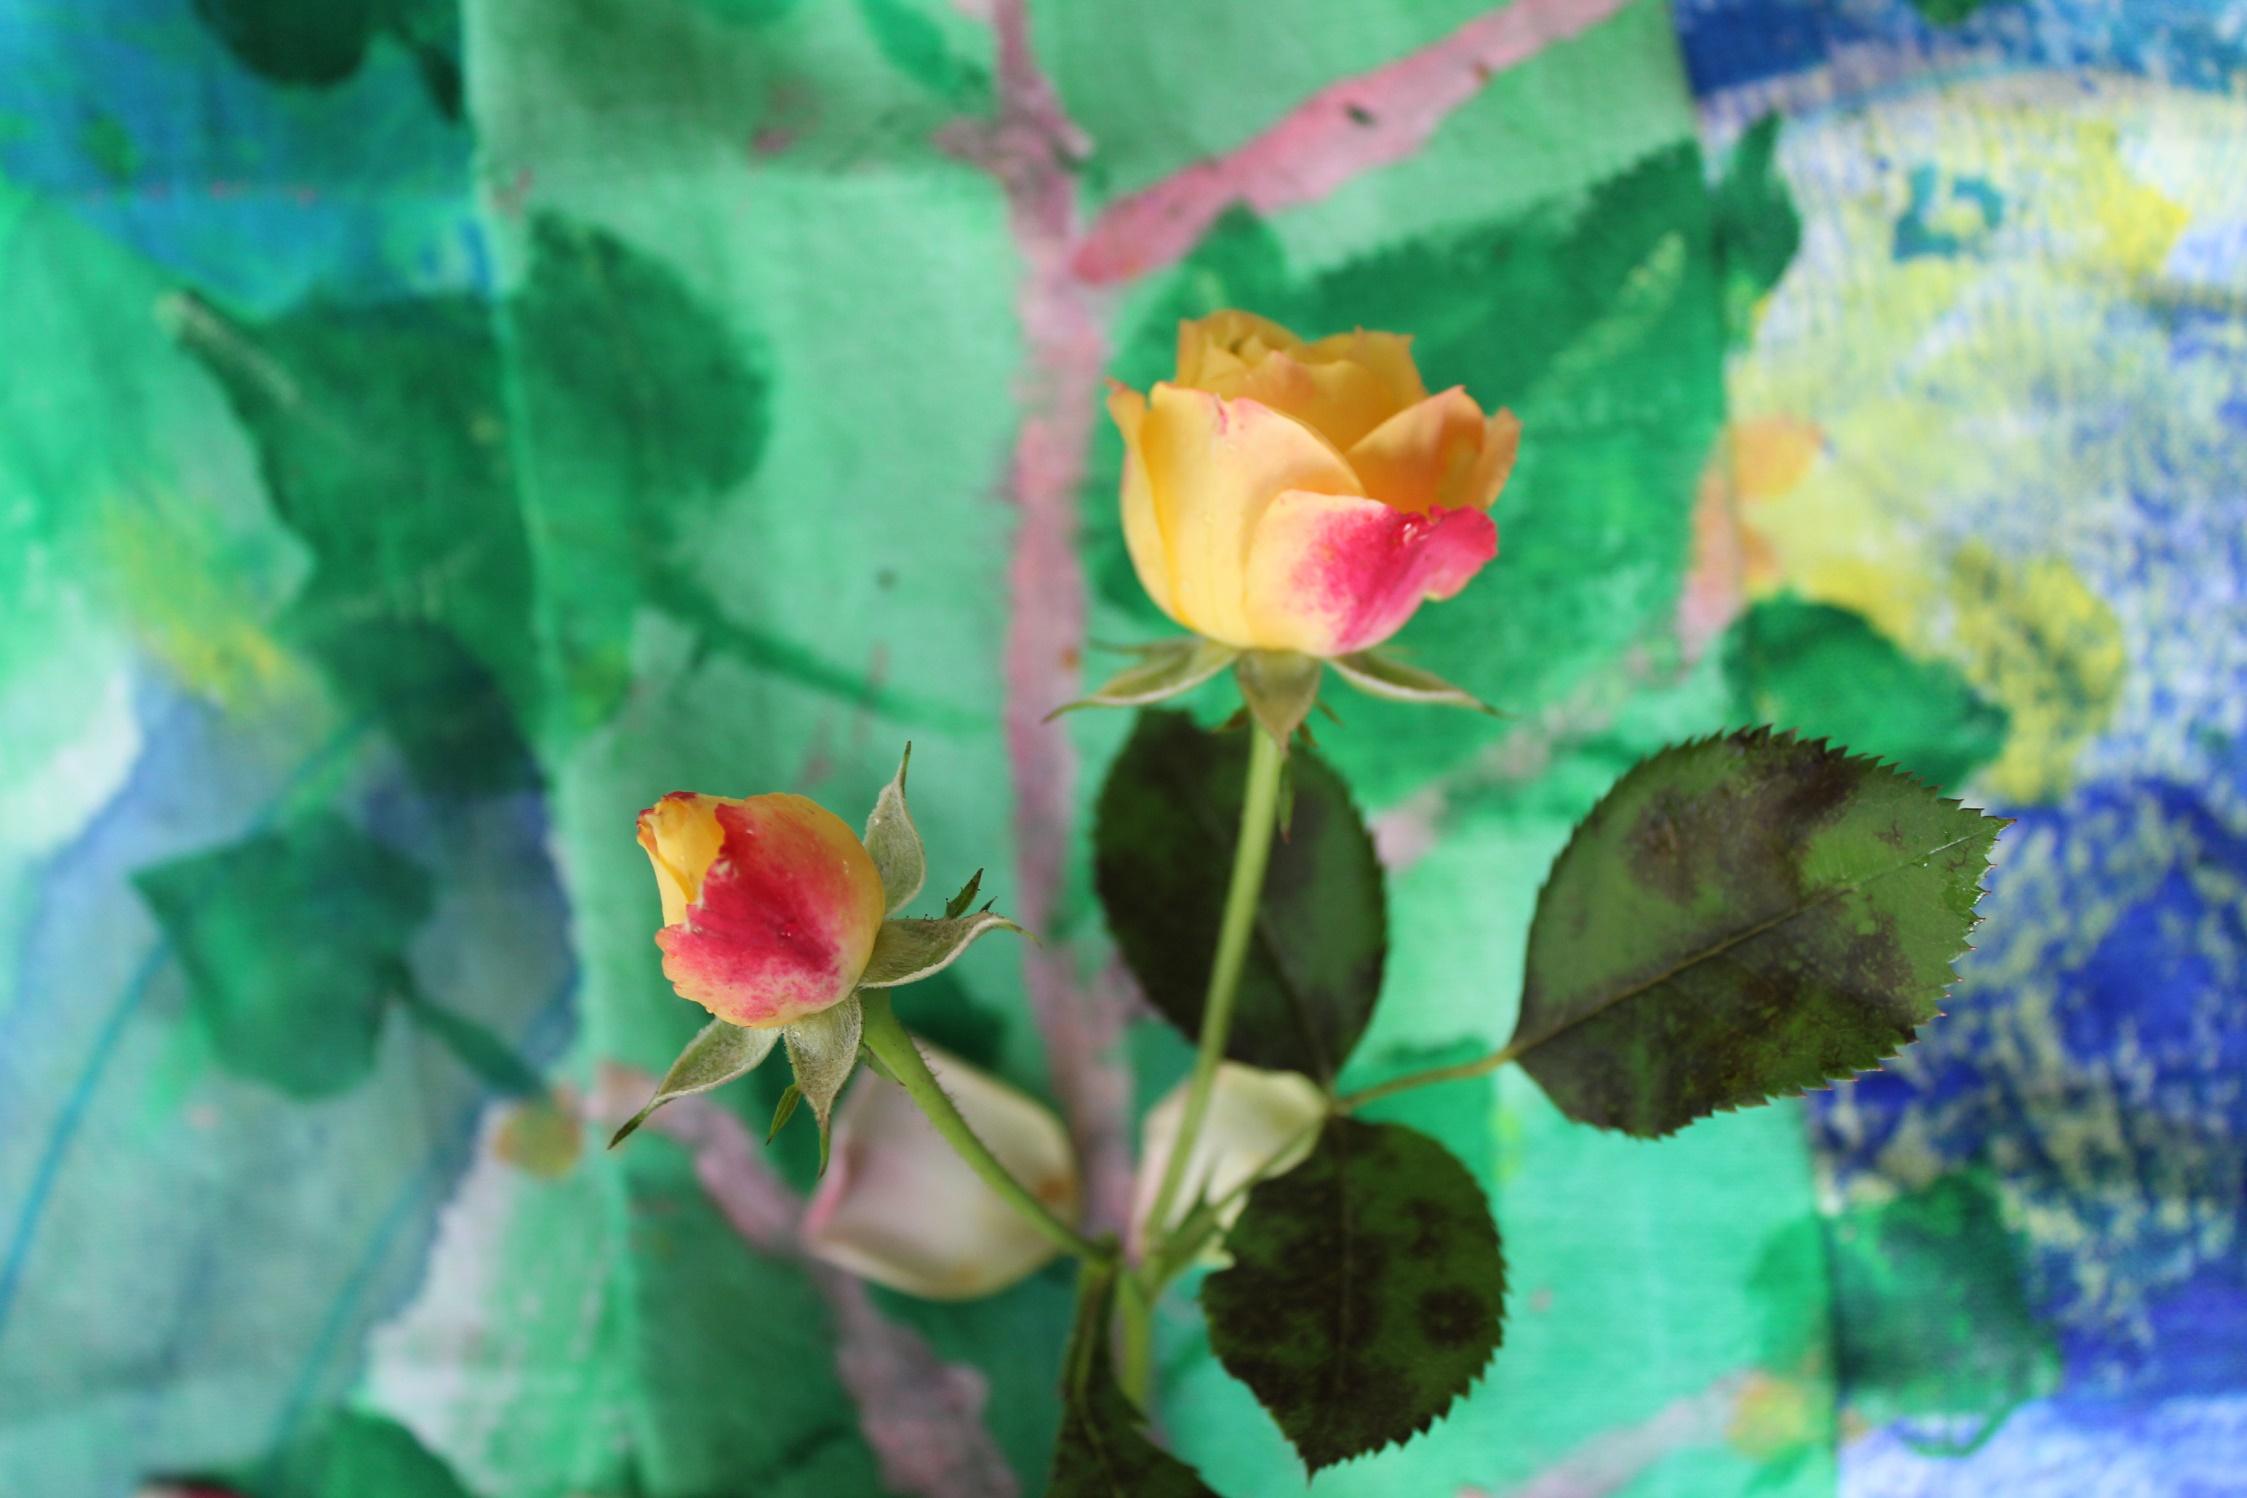 Die Rosen blühen immer noch